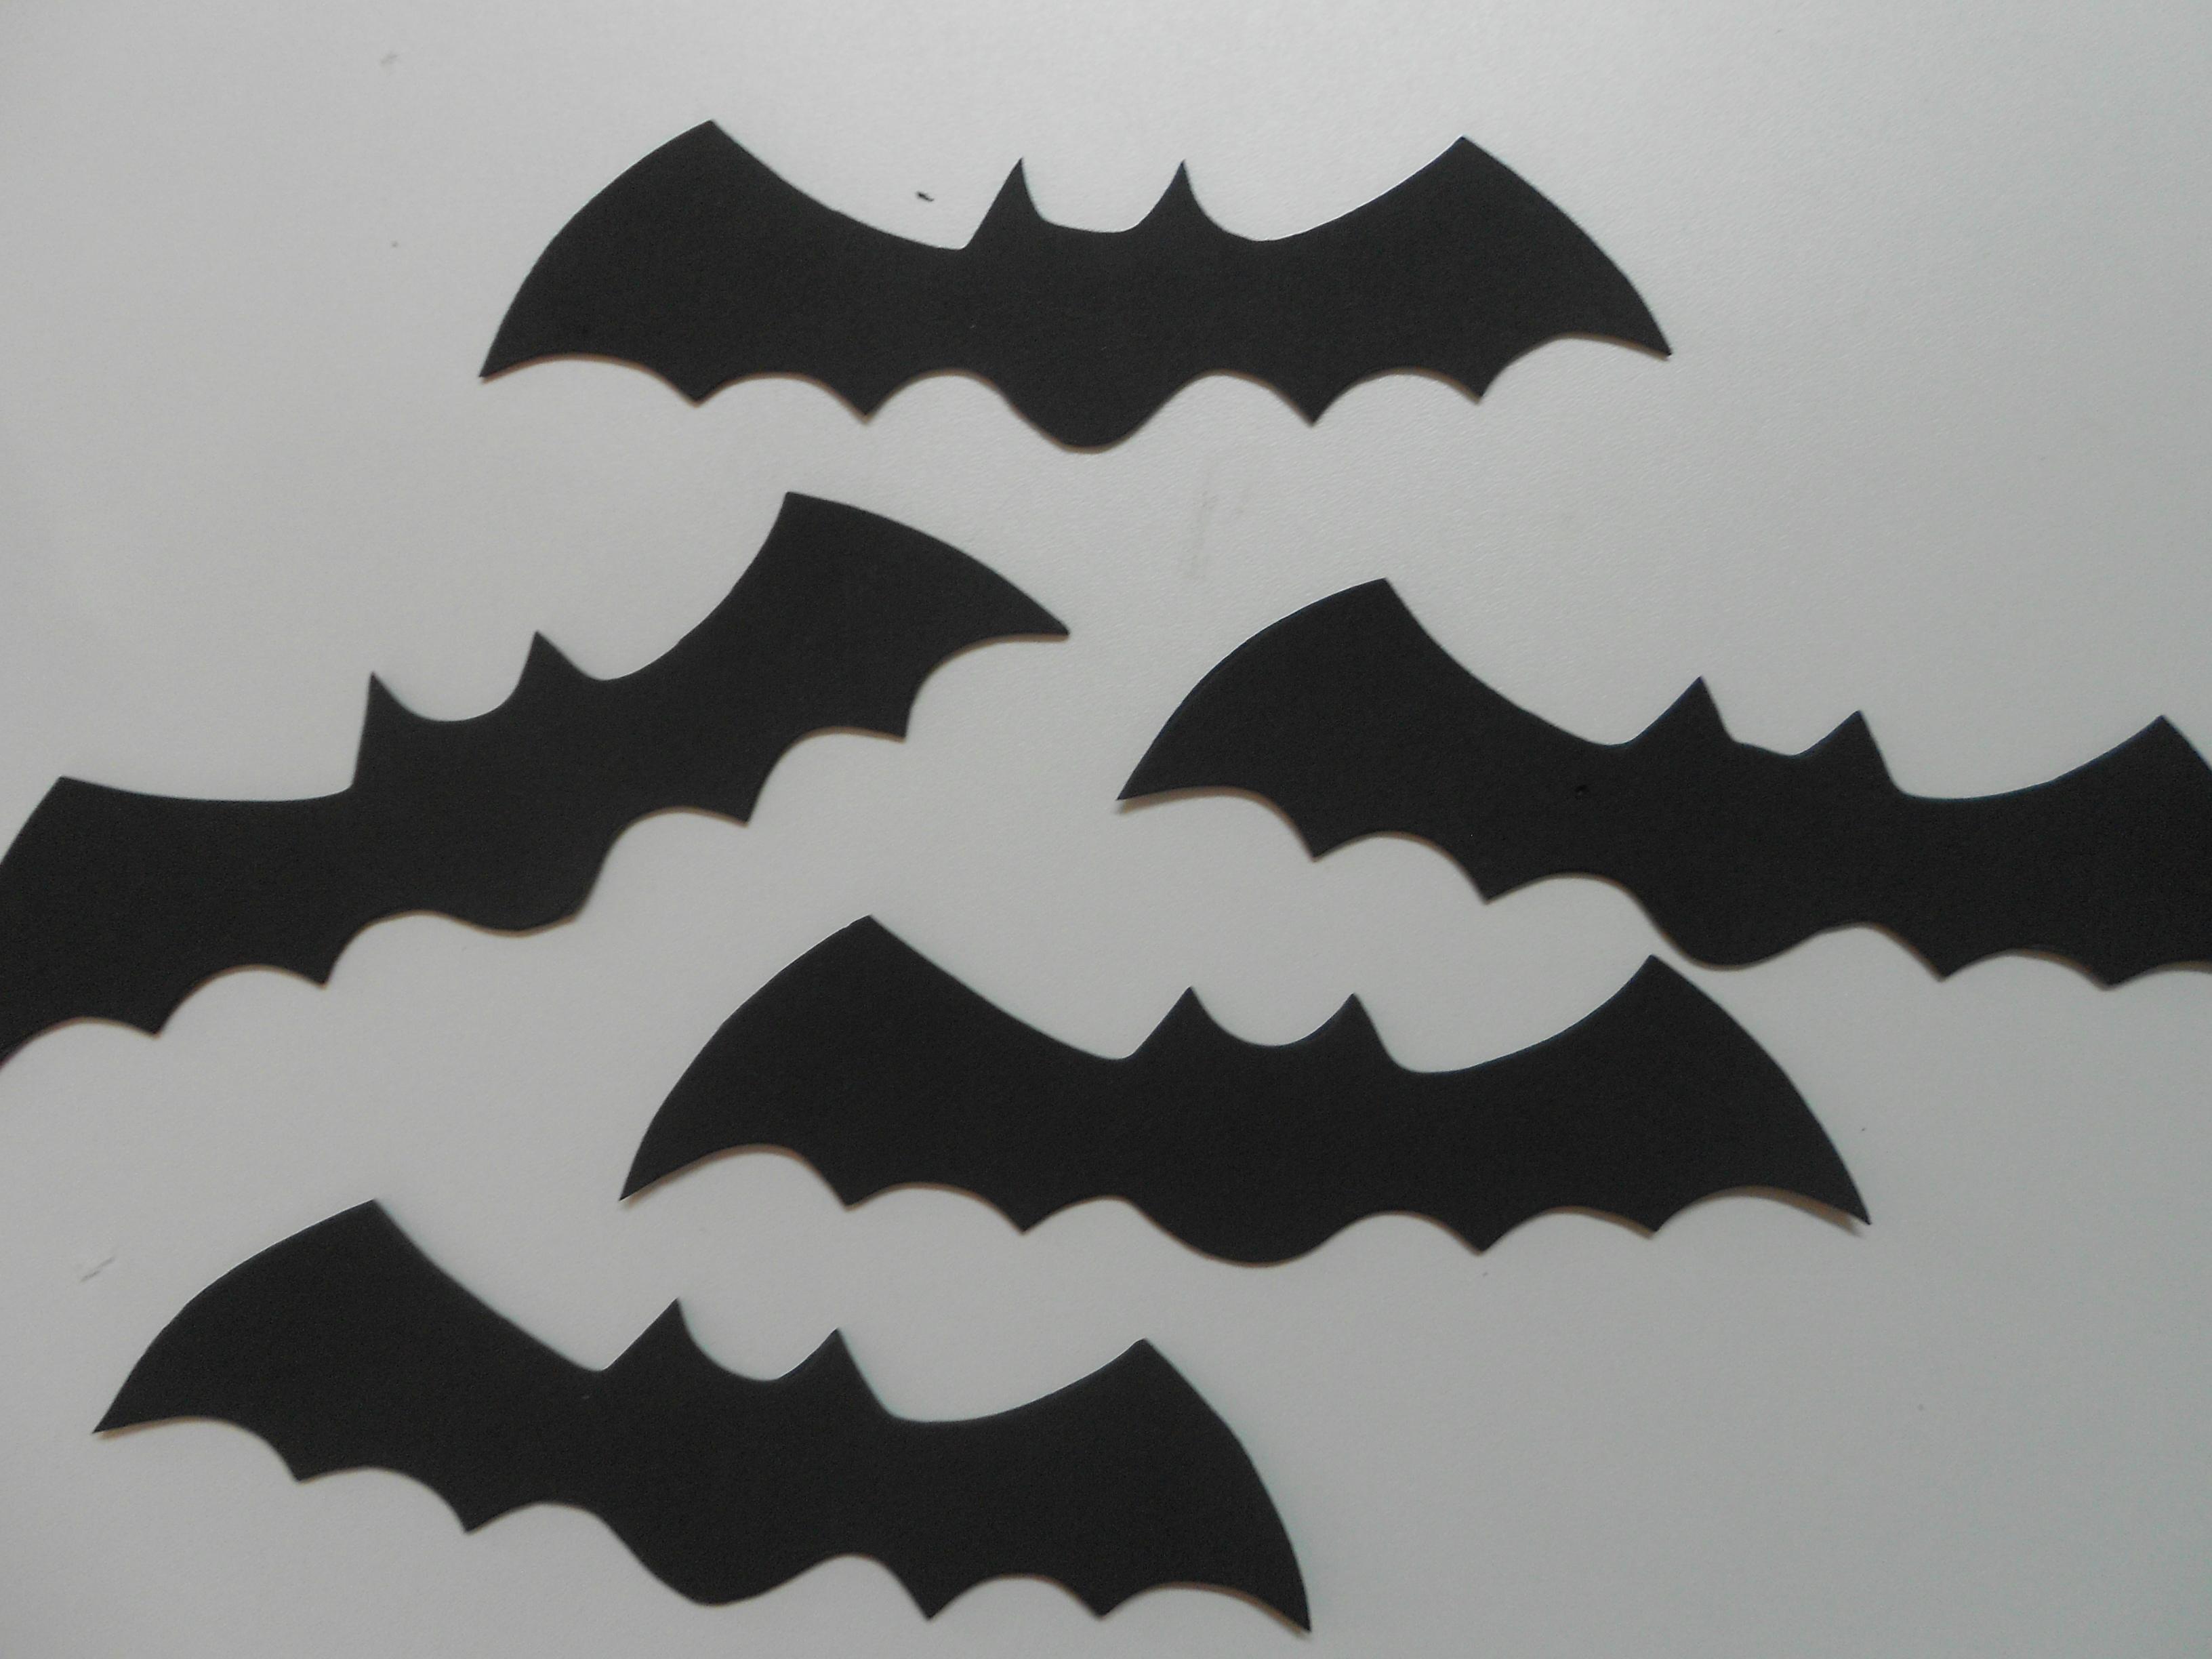 Aplique De Morcego Medio Halloween No Elo7 Petit Gateau Eventos